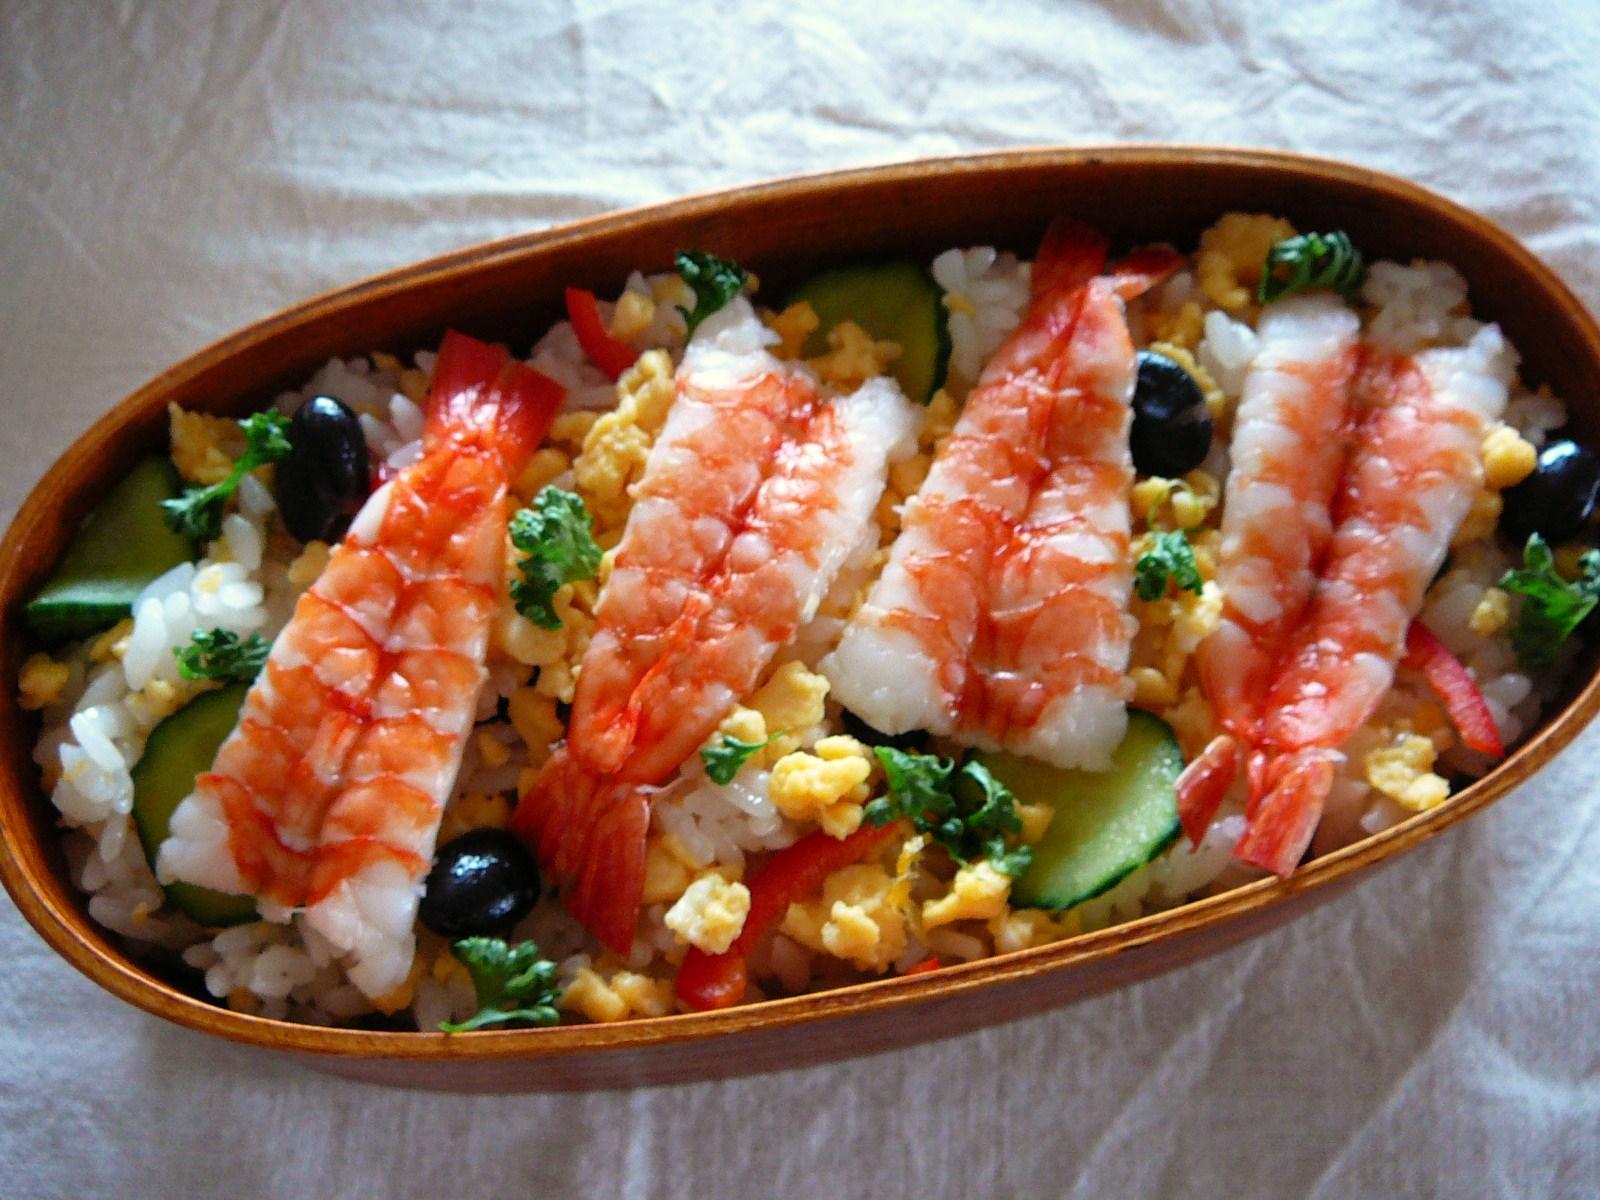 today s bento lunch box 12 20 gucha gucha chirashi sushi bento shizuo. Black Bedroom Furniture Sets. Home Design Ideas